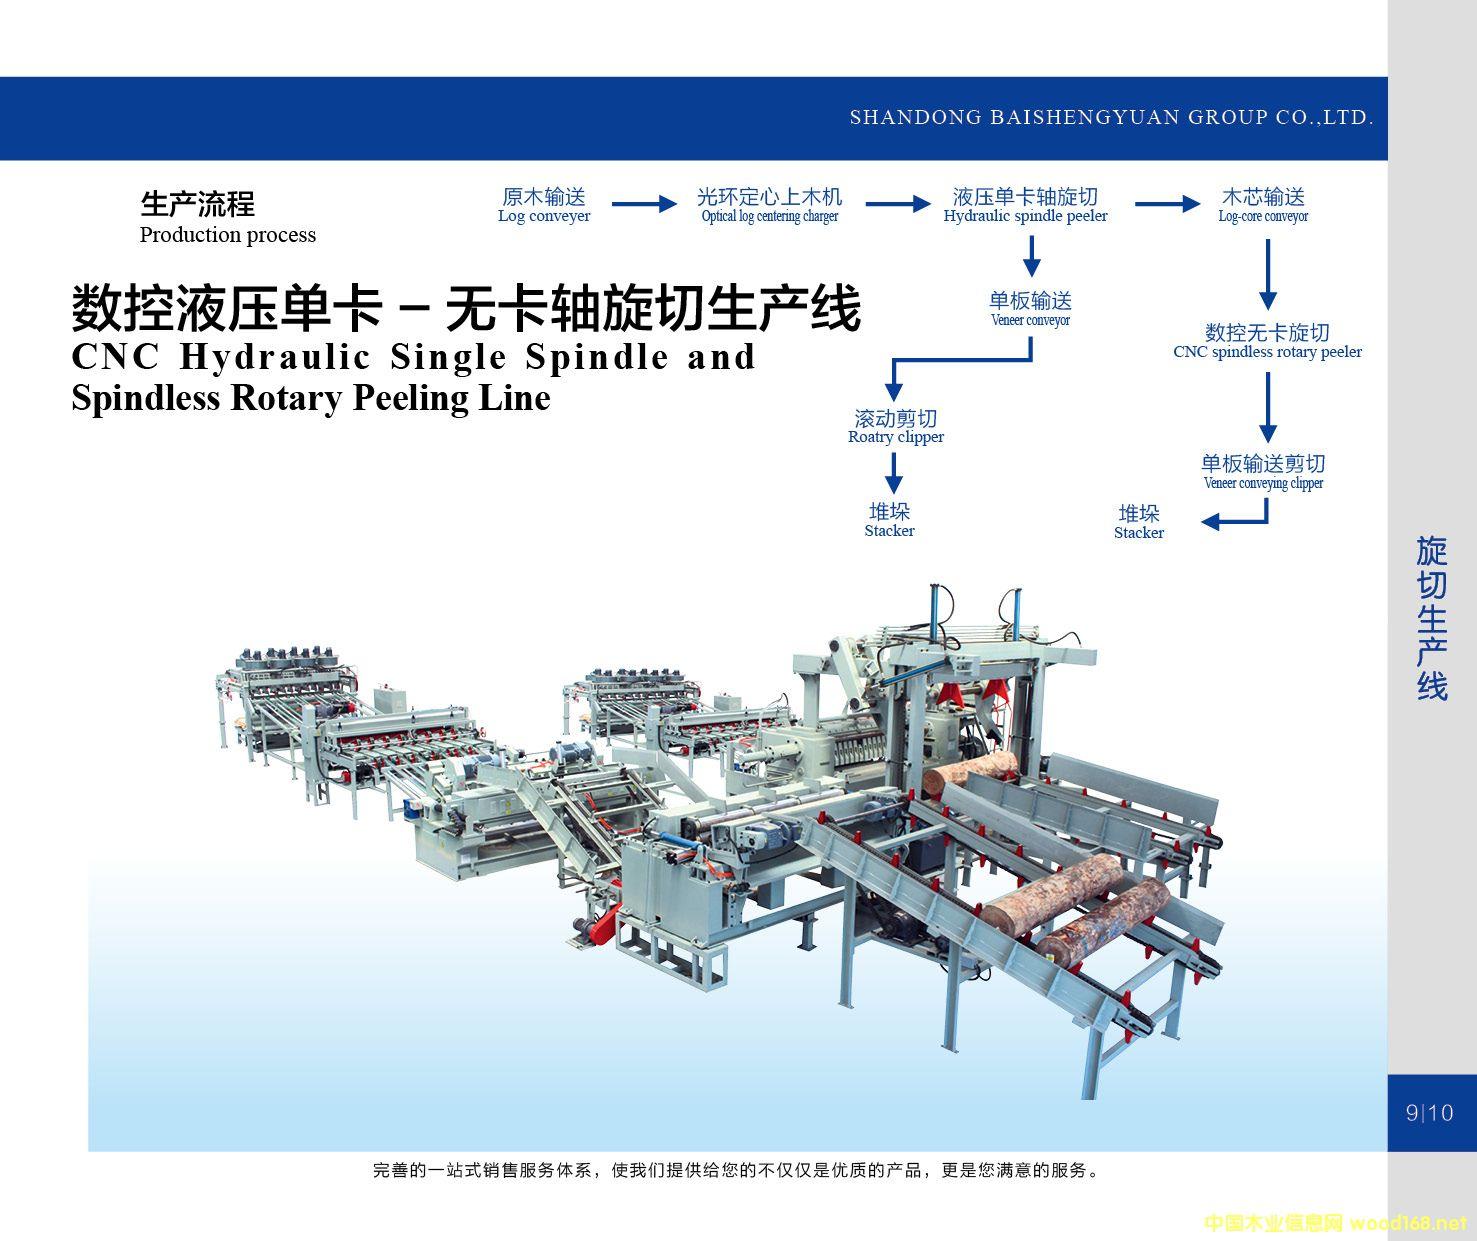 数控液压单卡-无卡轴旋切生产线的详细介绍